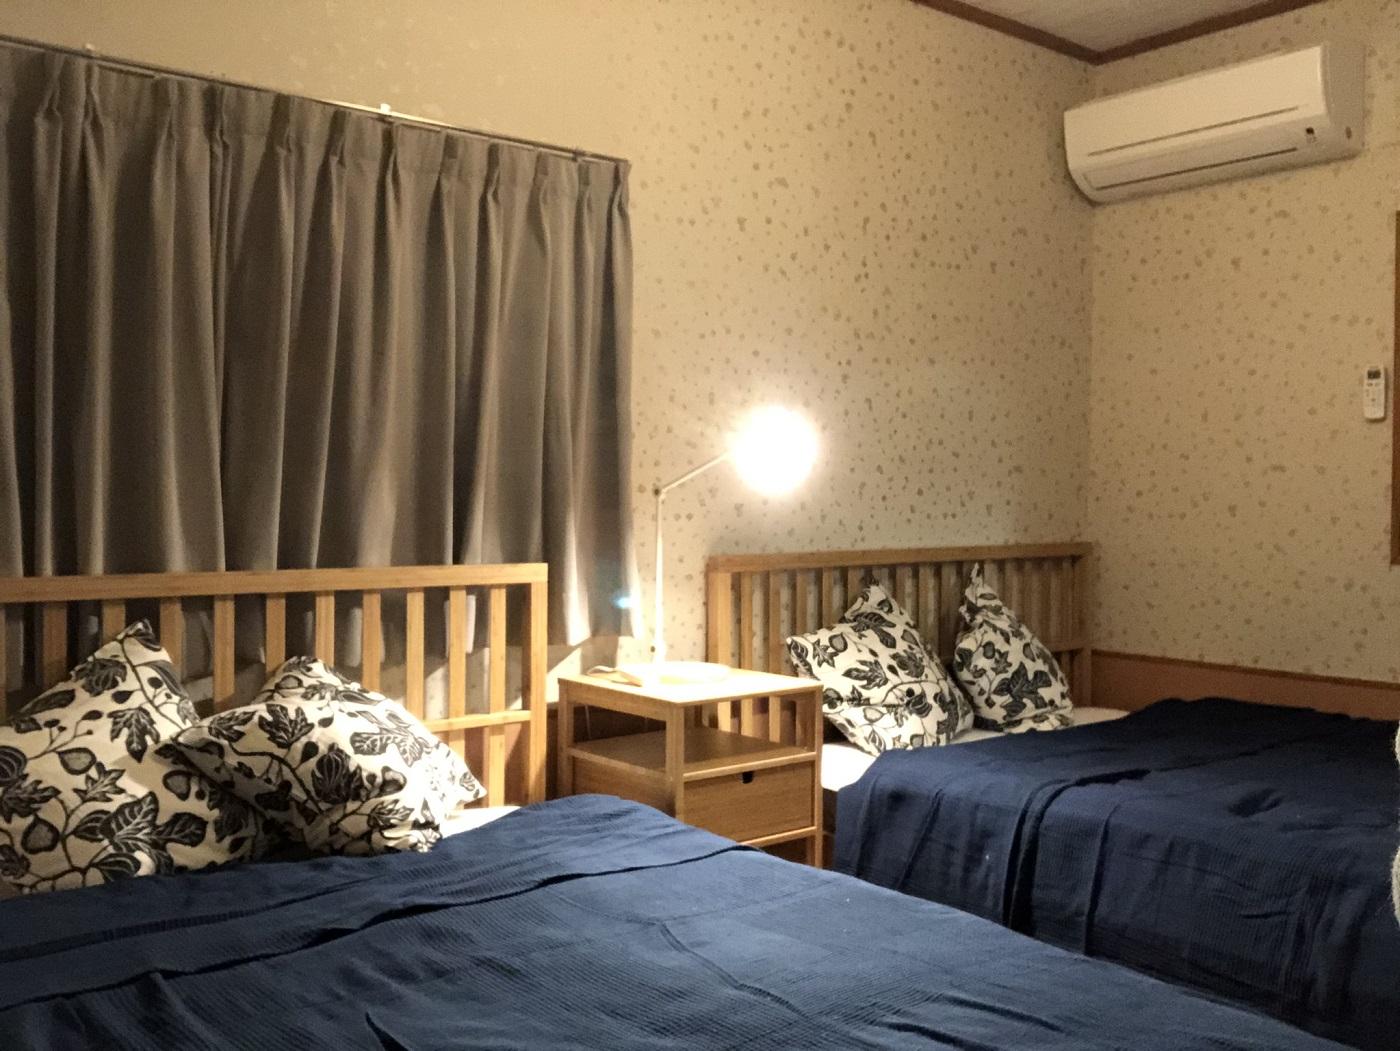 ビーチで遊んだあとは、あったか温もりハウスでお休みしよう。おしゃれなダブルベッドのある寝室です